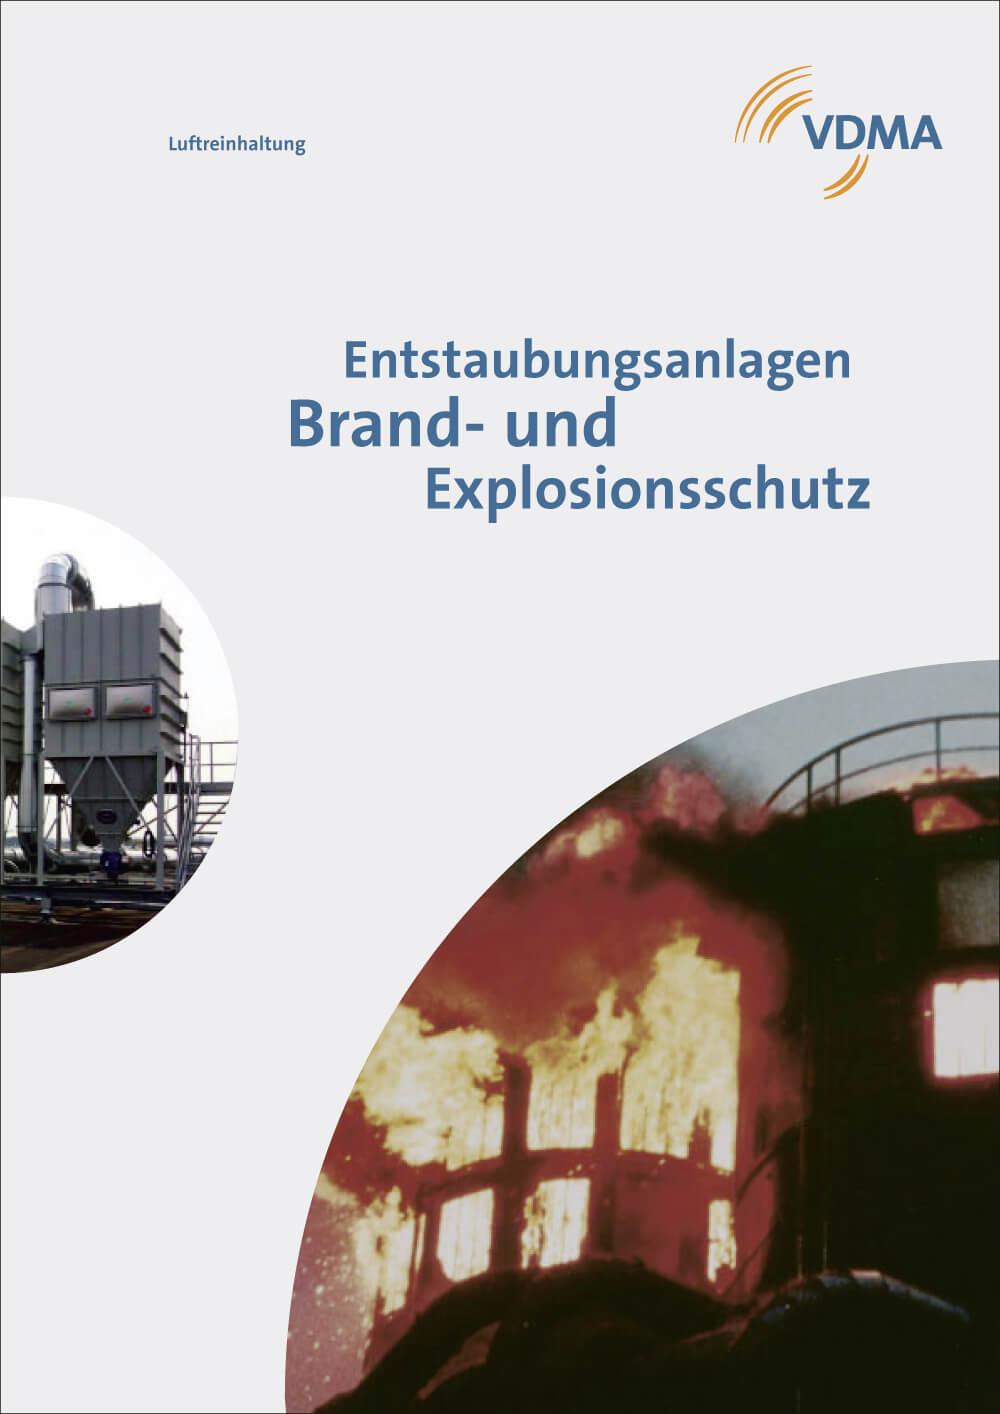 VDMA: Entstaubungsanlagen - Brand und Explosionsschutz